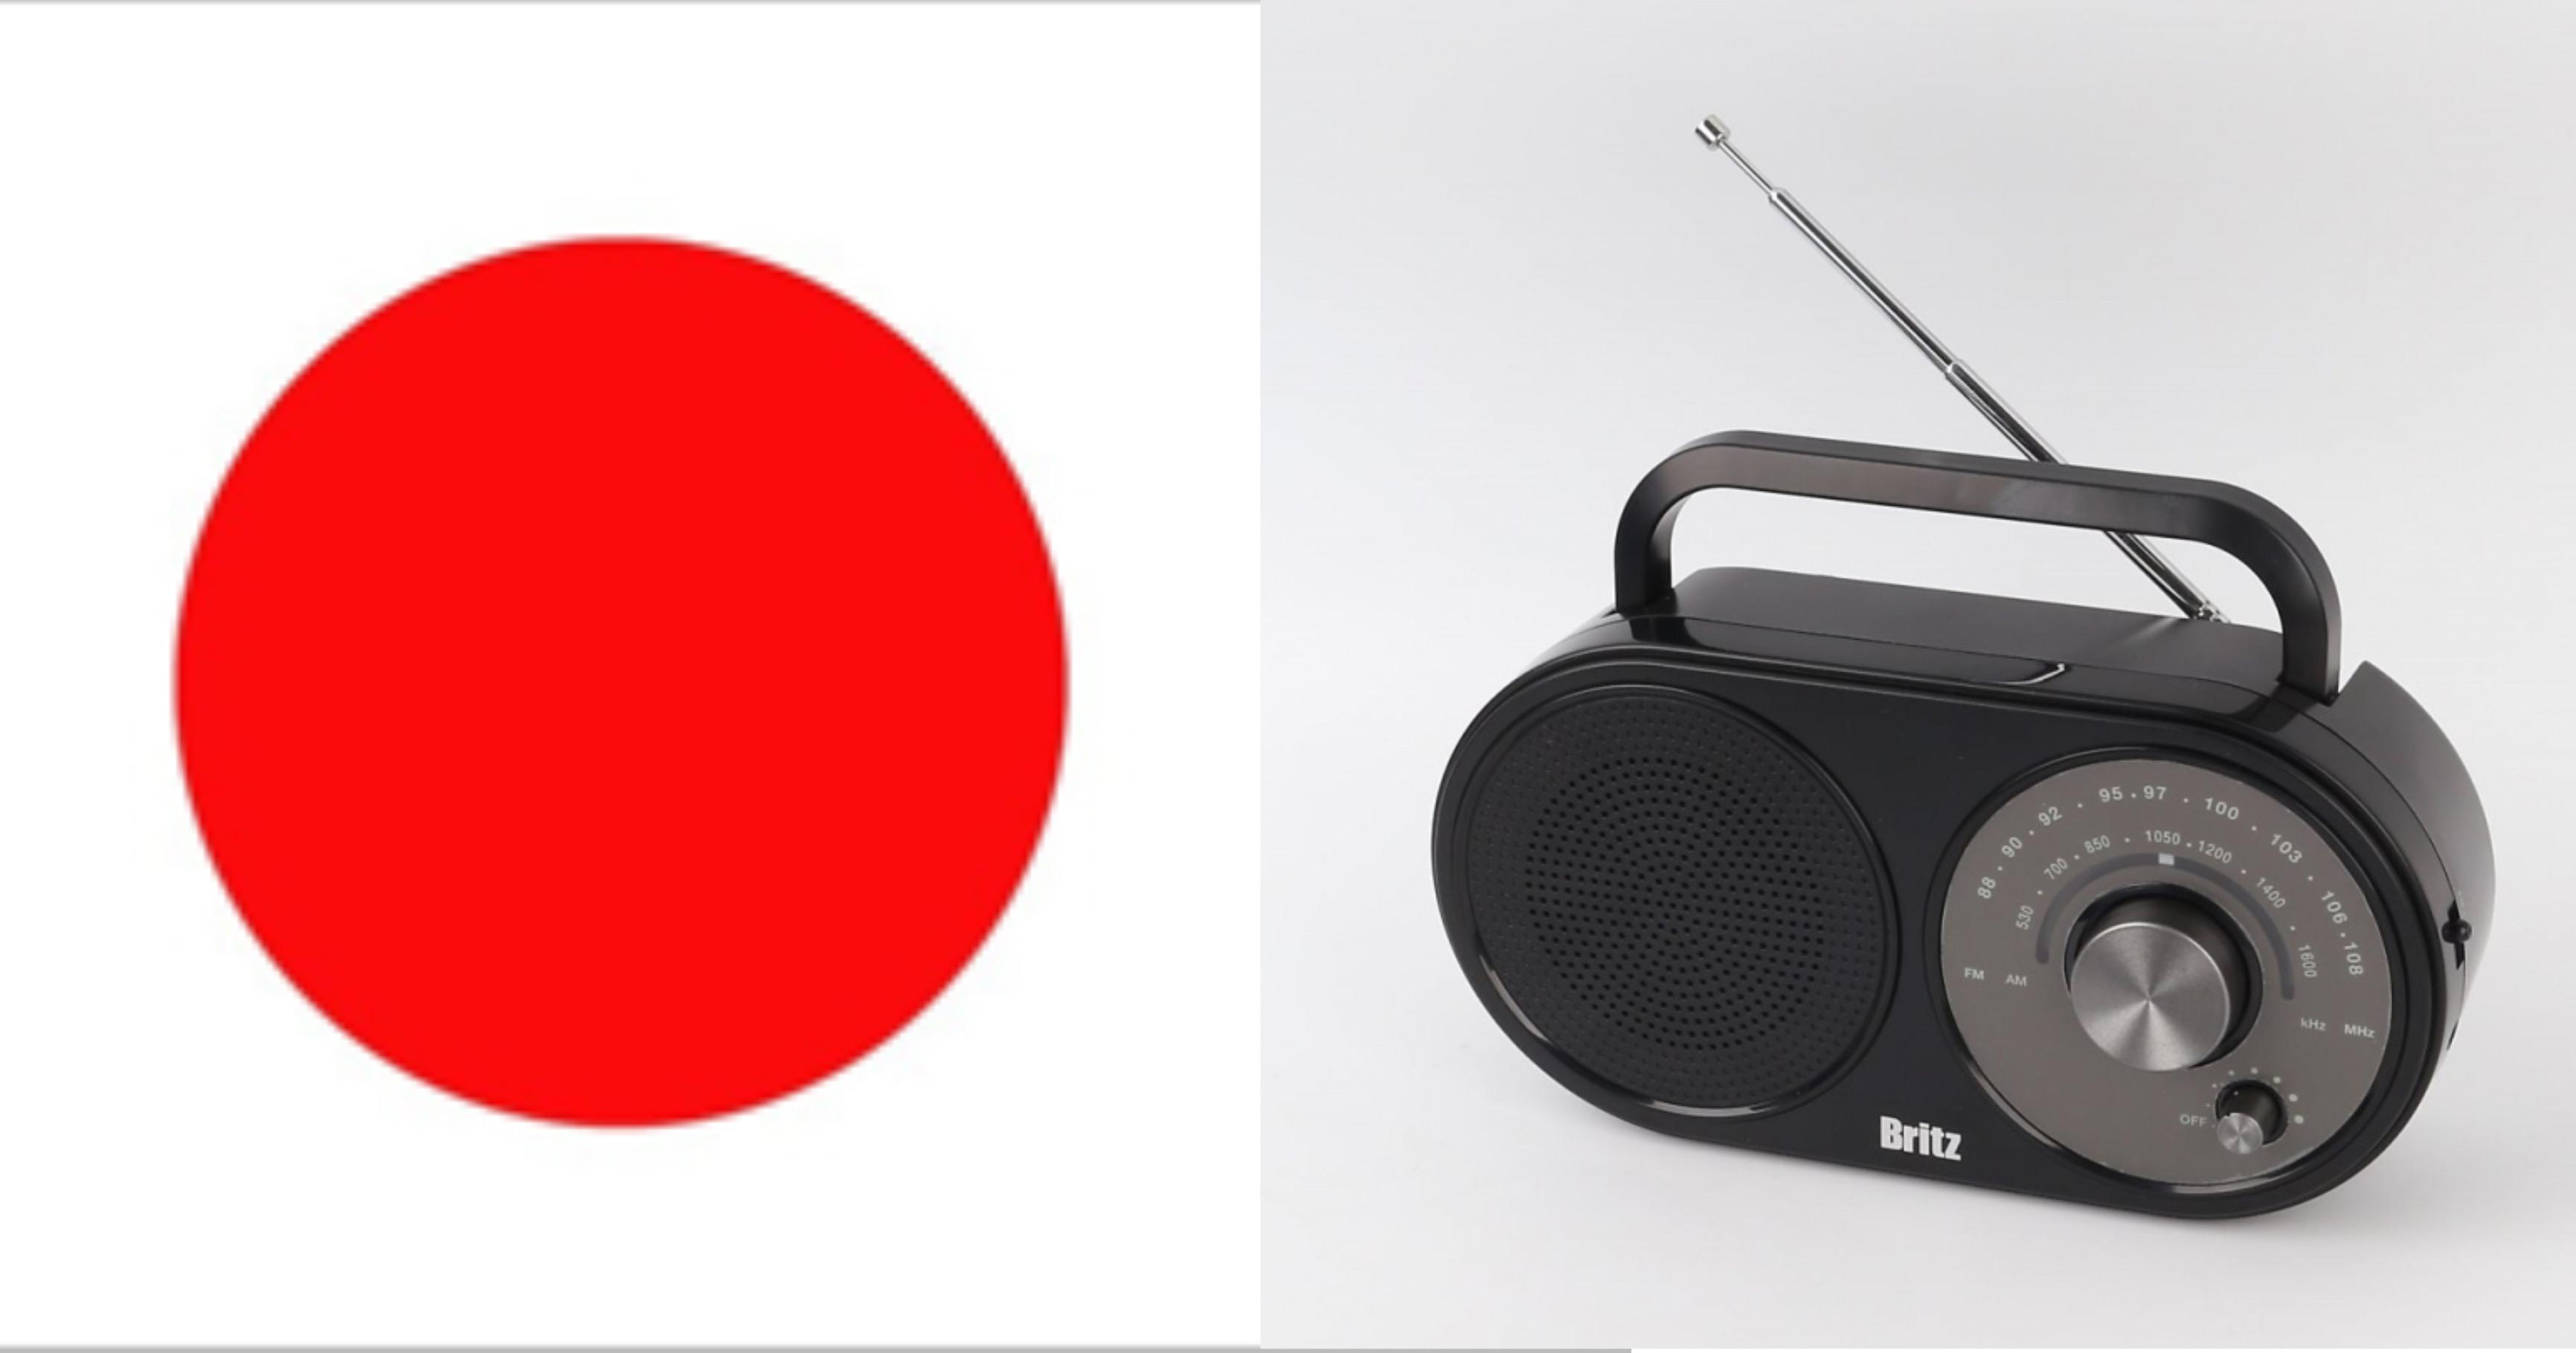 """ec8db8eb84a4ec9dbc2.jpg - """"이것 때문 이였다니...""""... 일본음악이 공중파에 나올 수 없는 이유"""